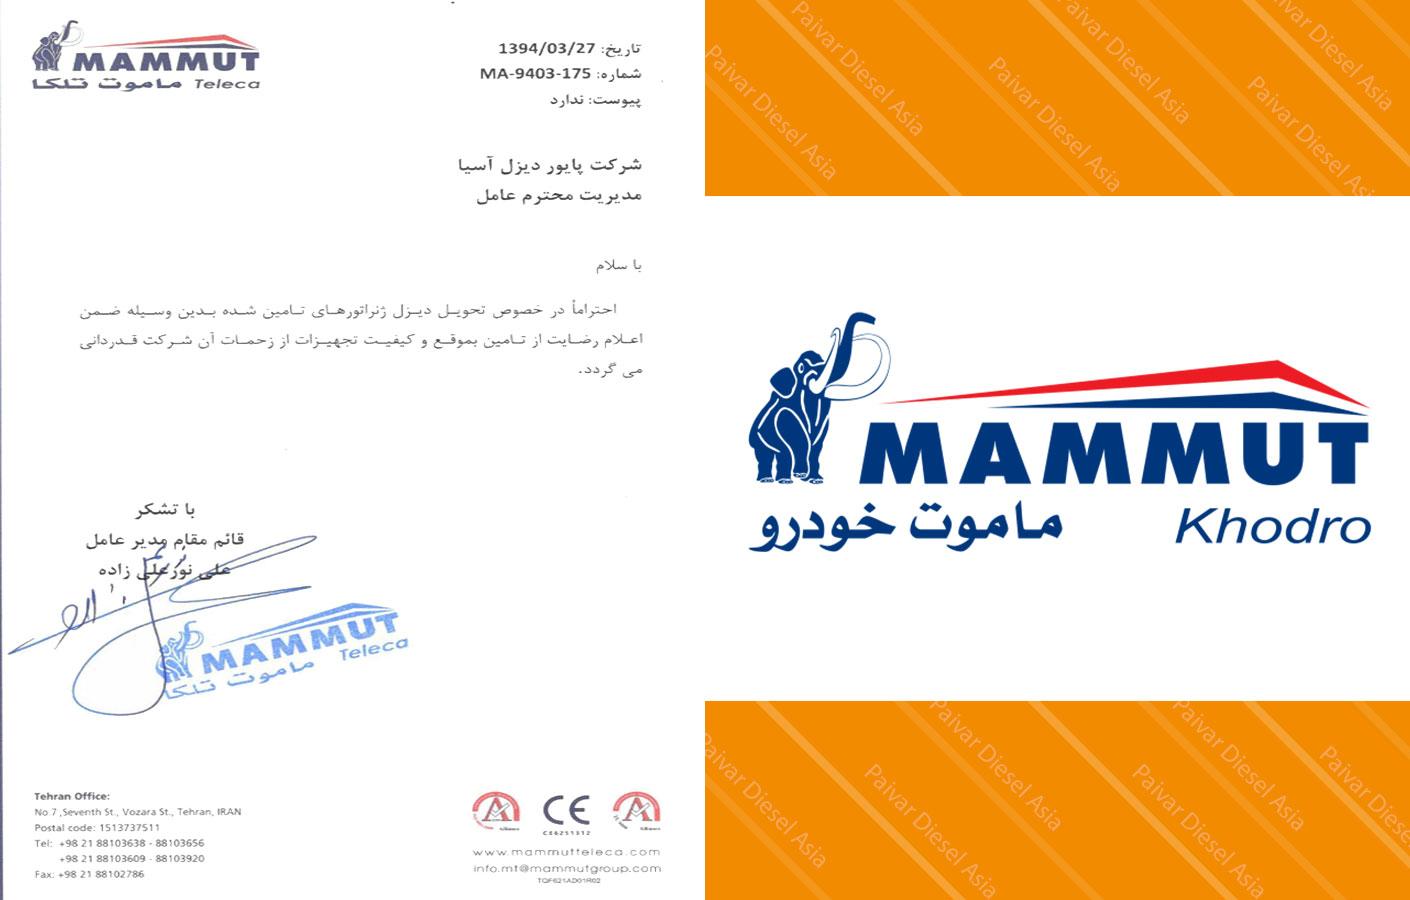 رضایت نامه ماموت تلکا